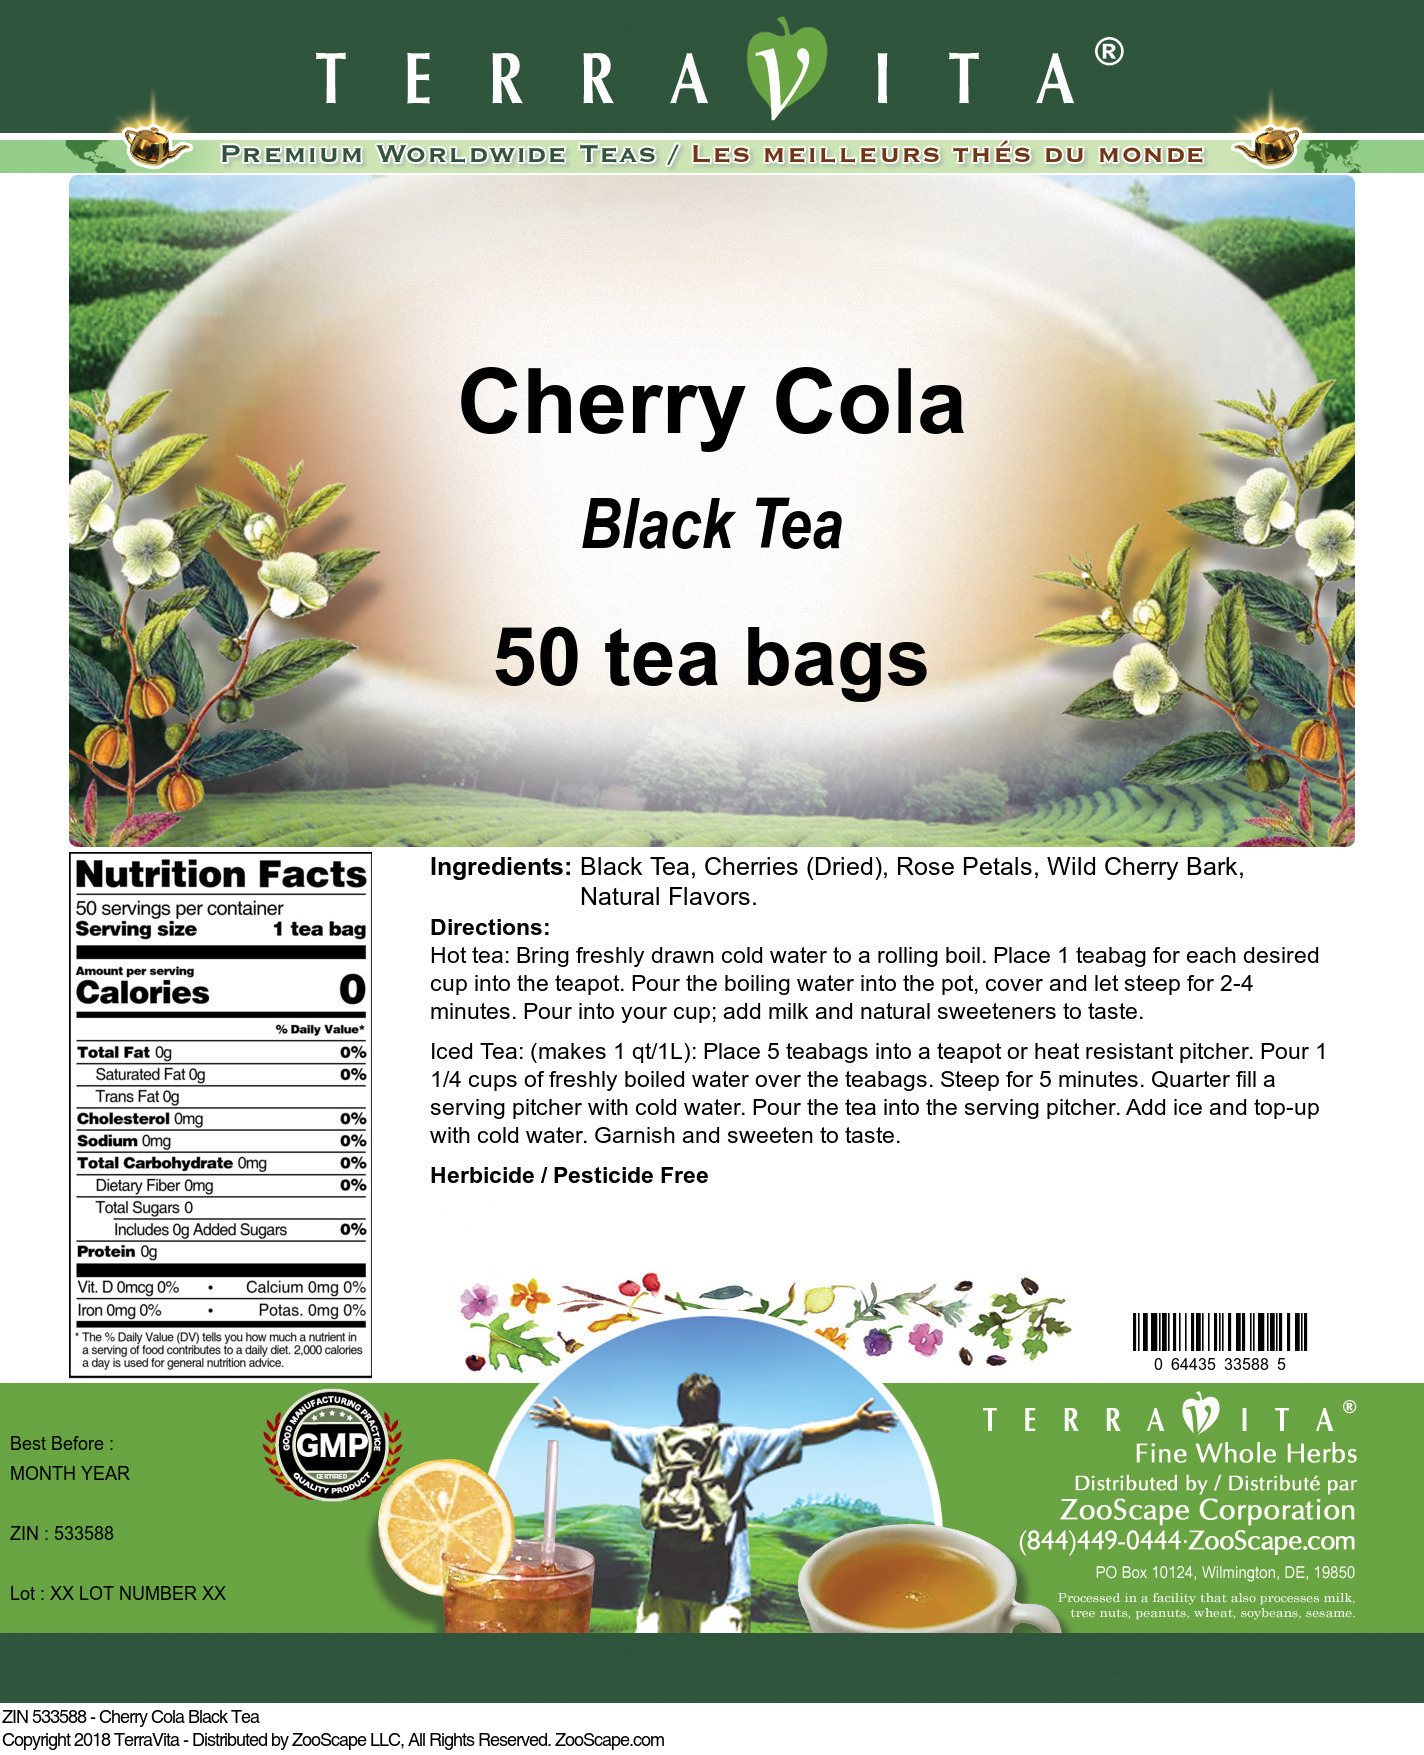 Cherry Cola Black Tea